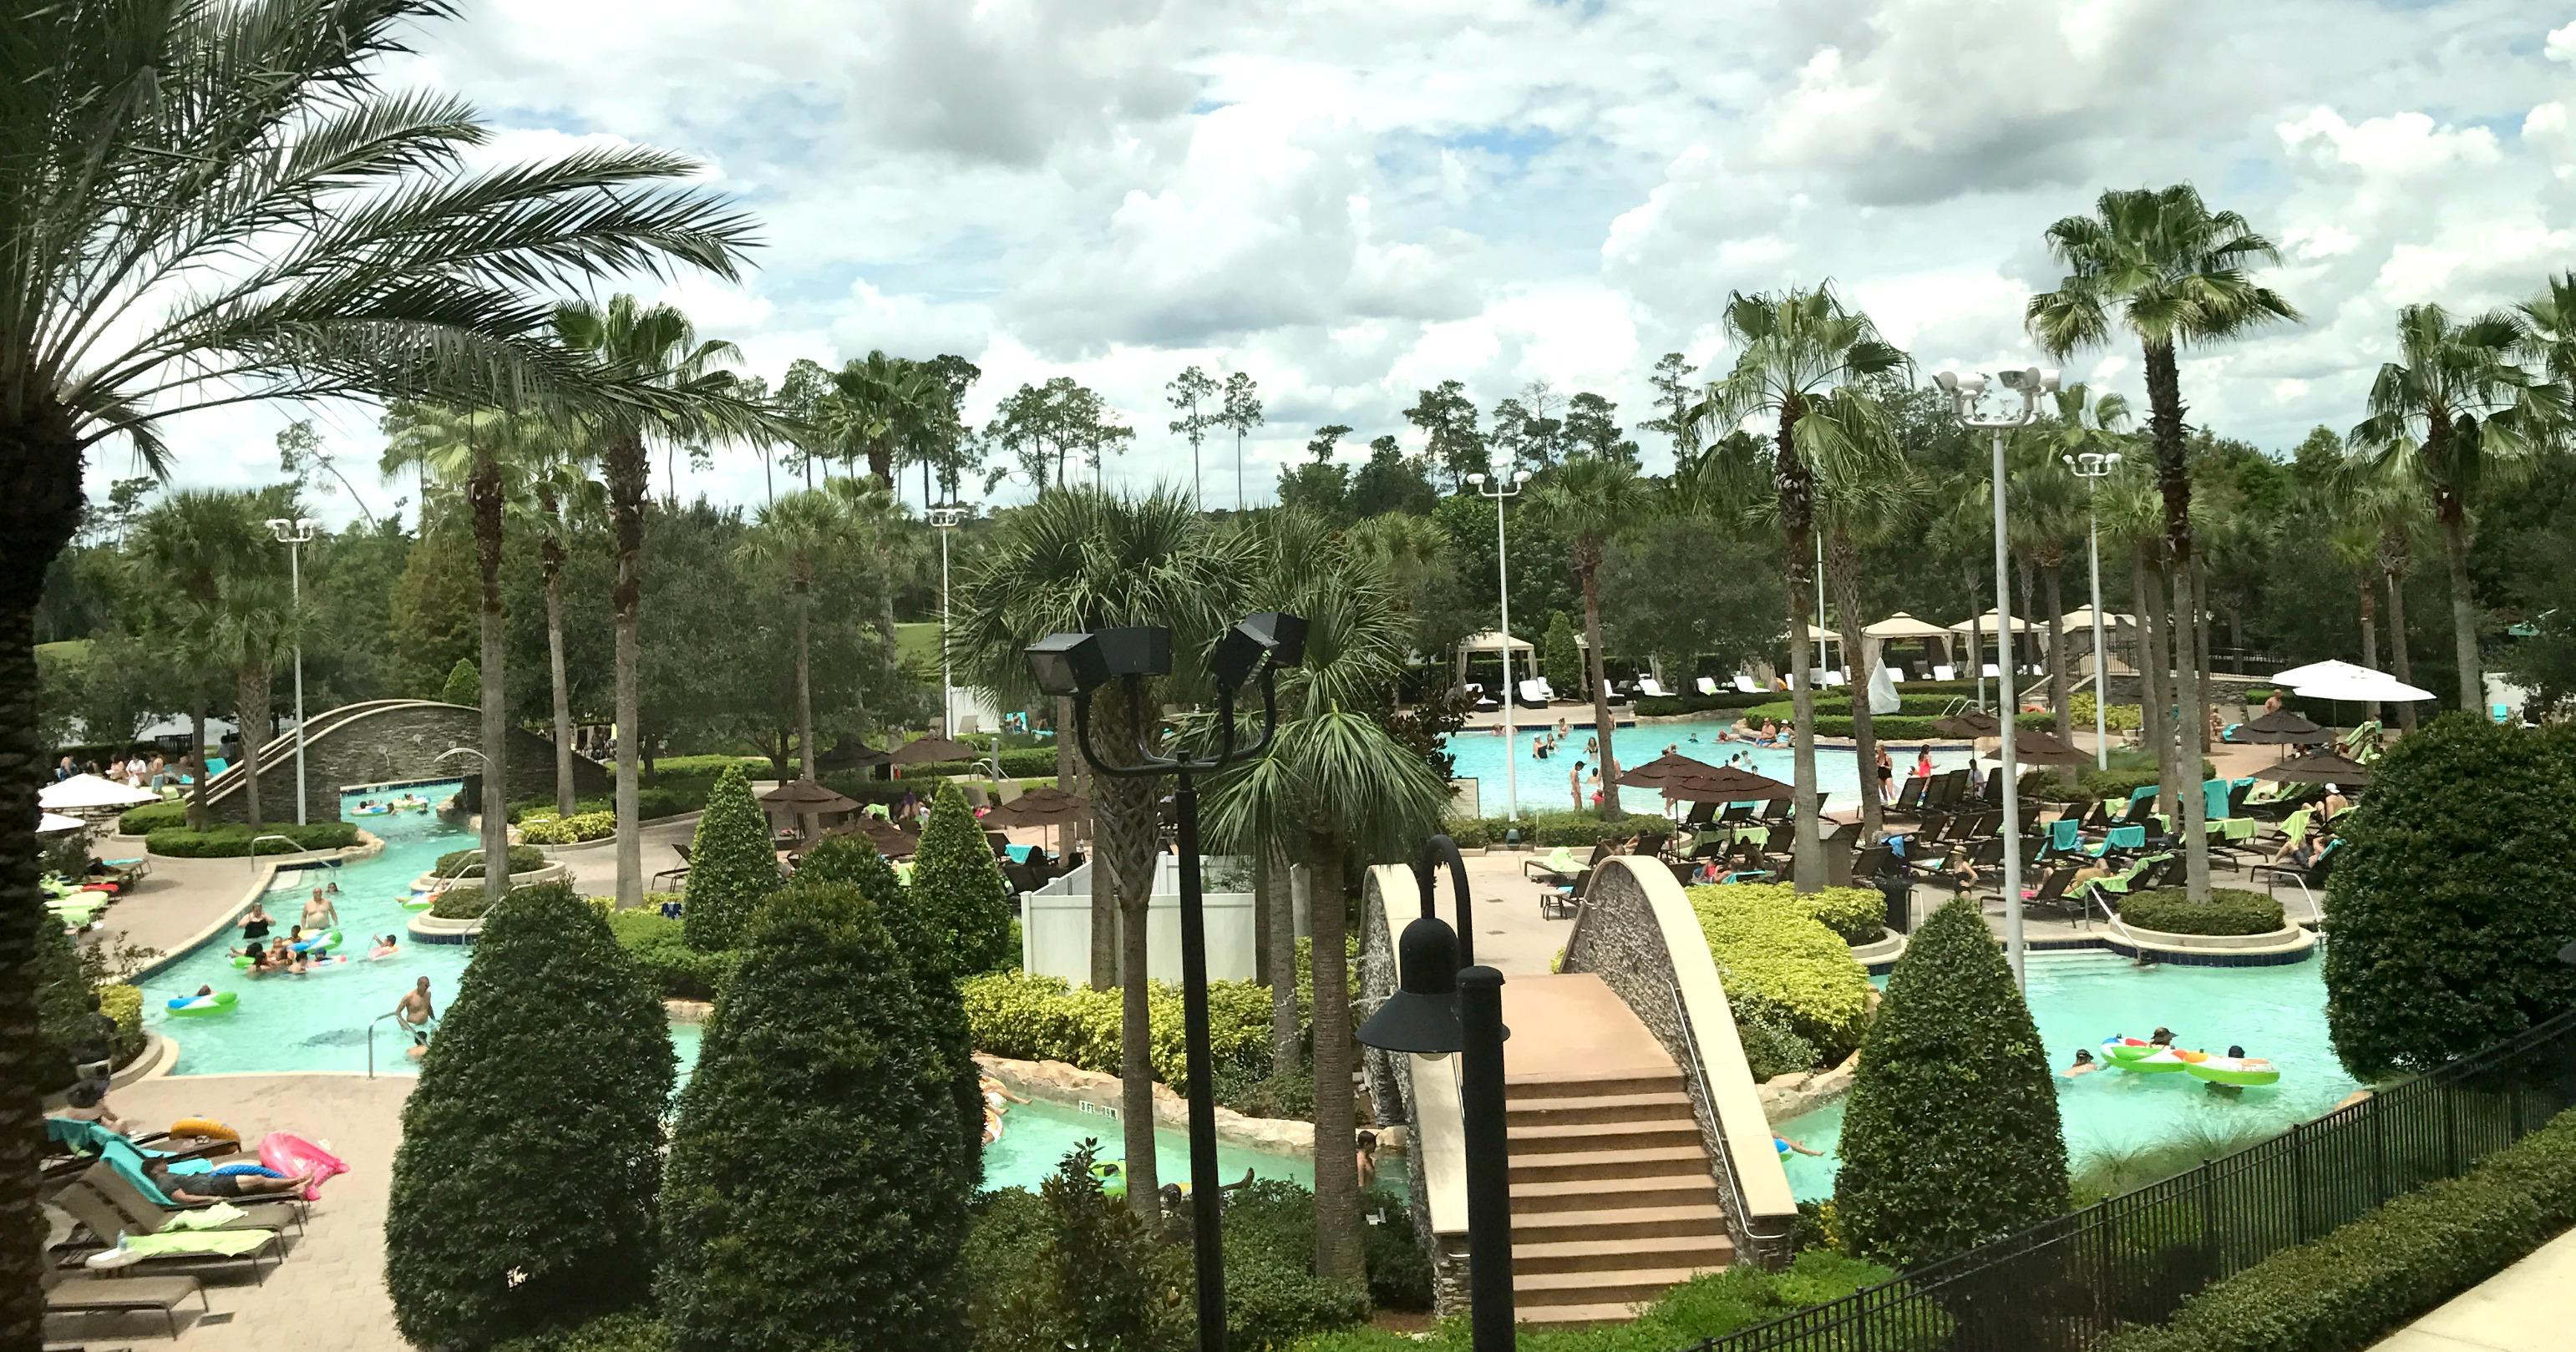 Hilton-bonnet-creek-review-family-disney-resort-lazy-river